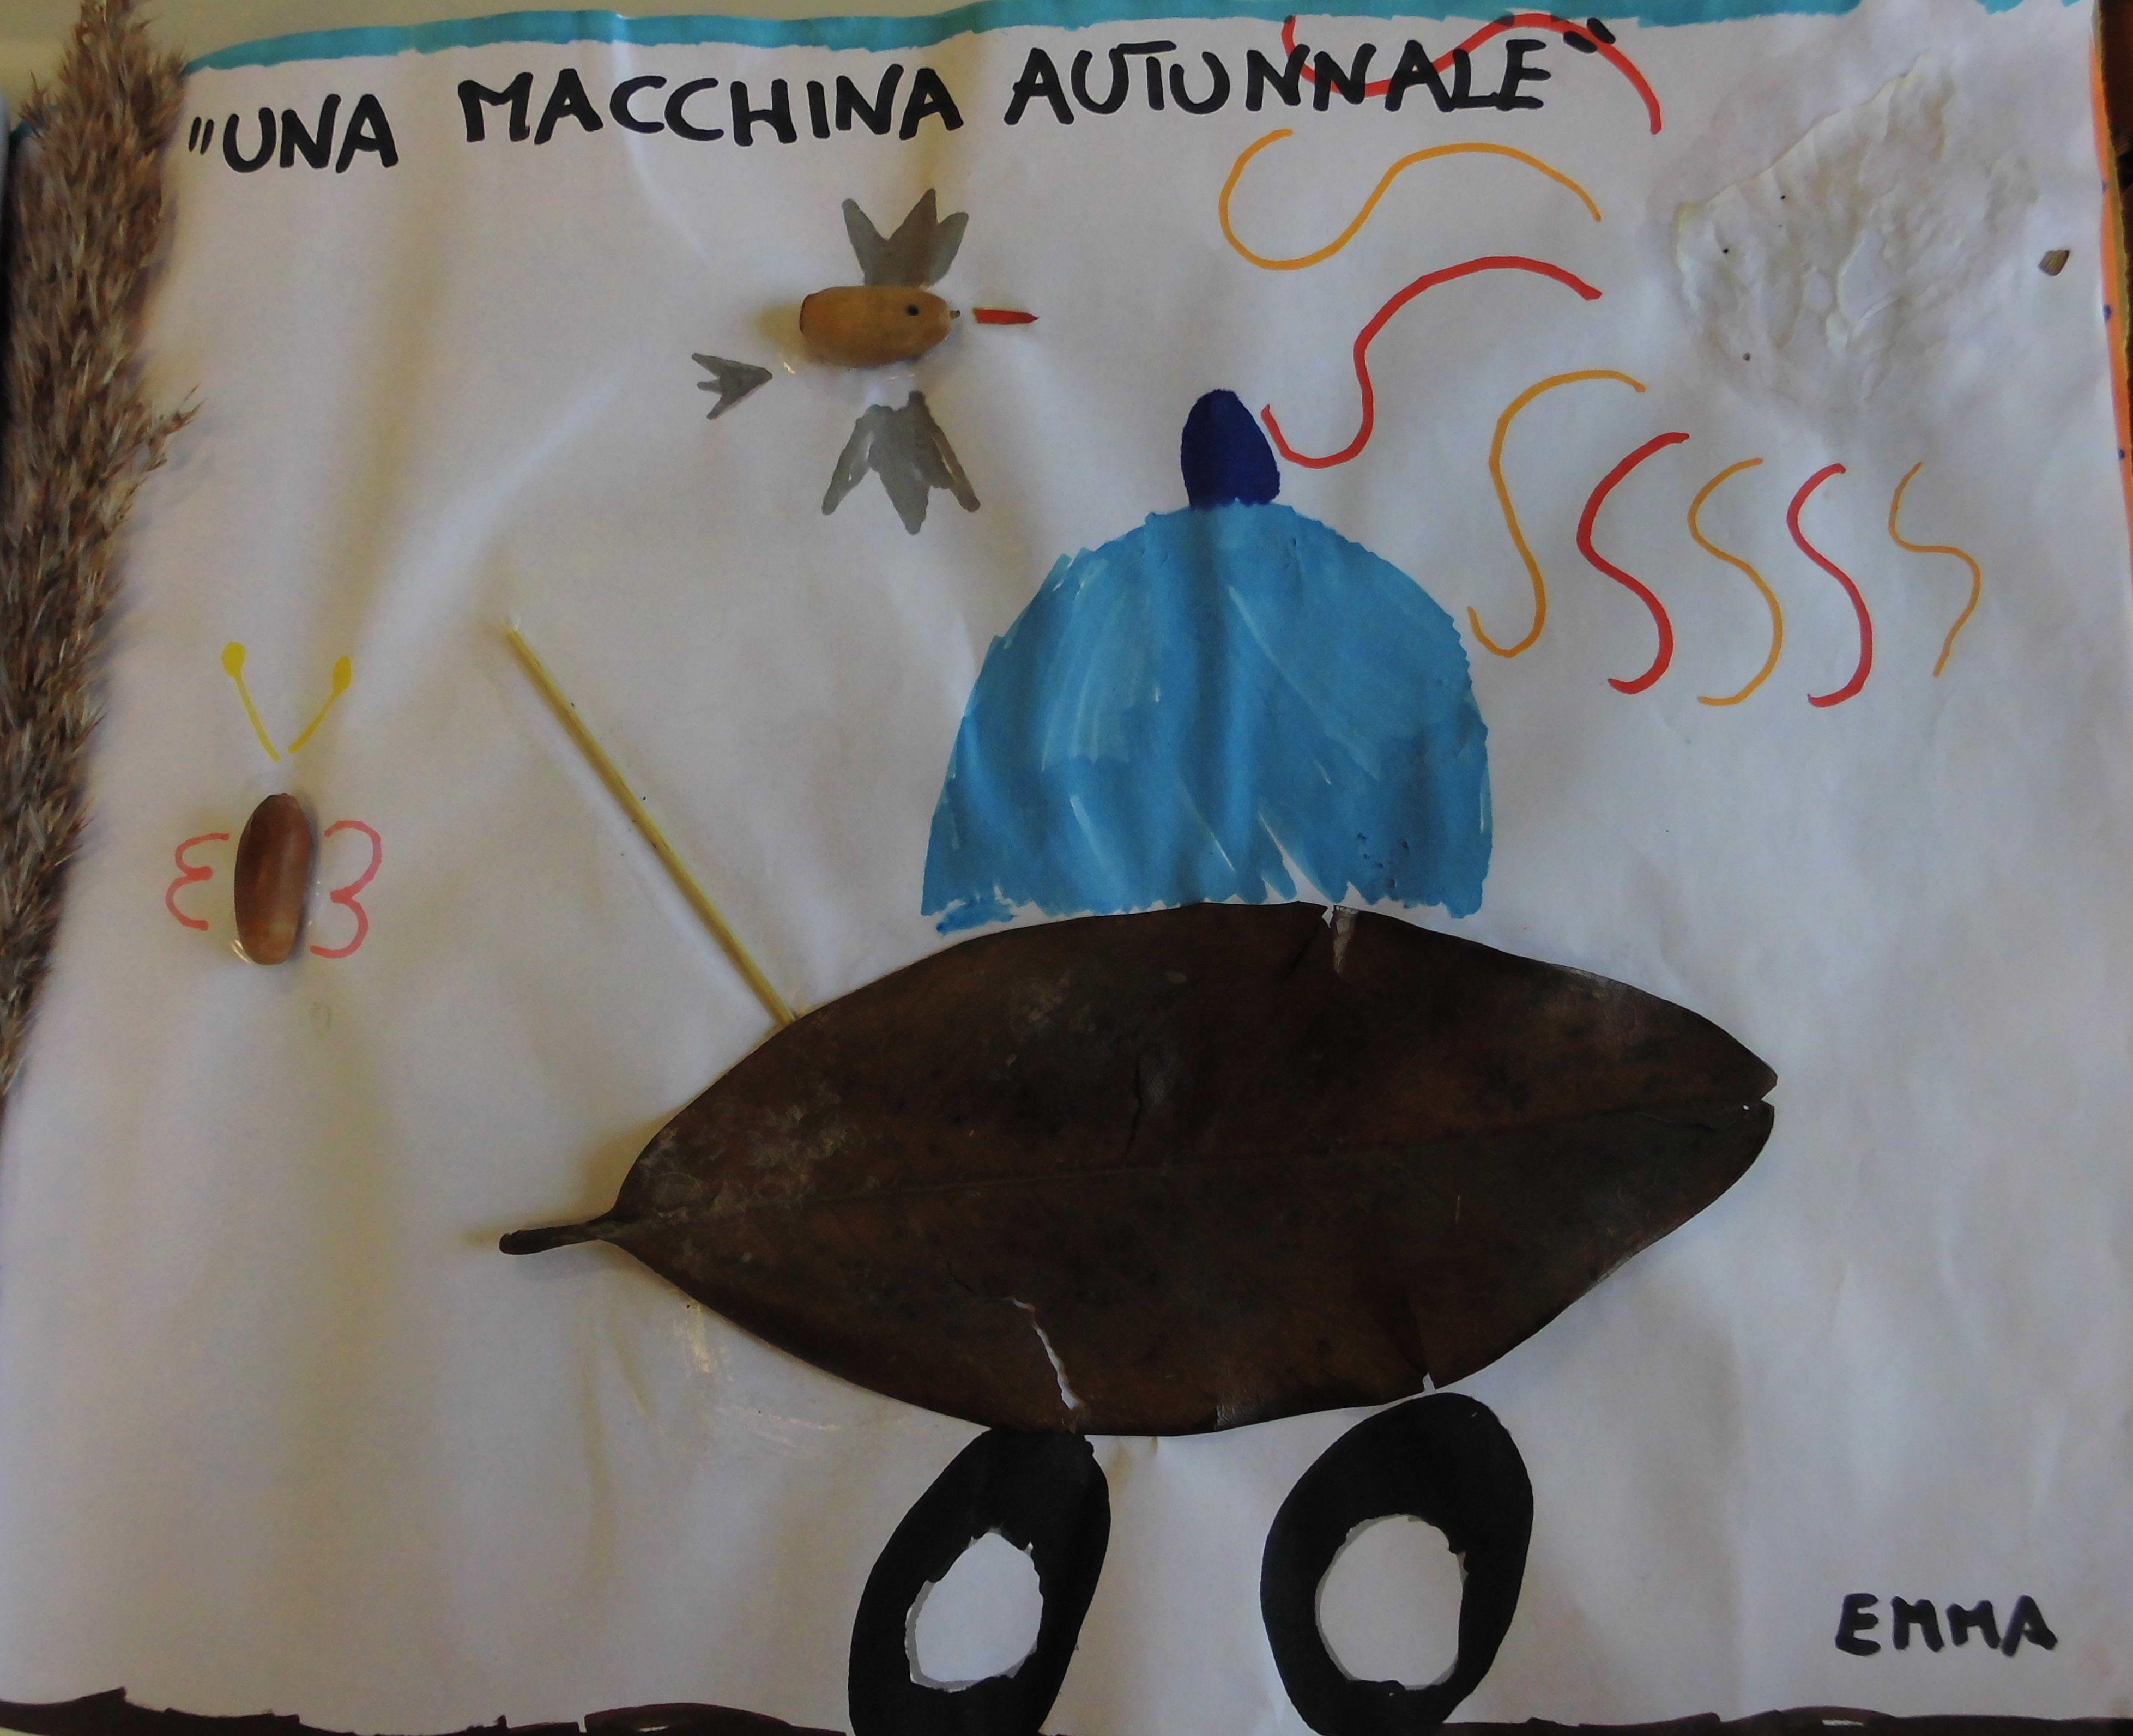 immagine di un disegno di un bimbo che rappresenta una macchina autunnale